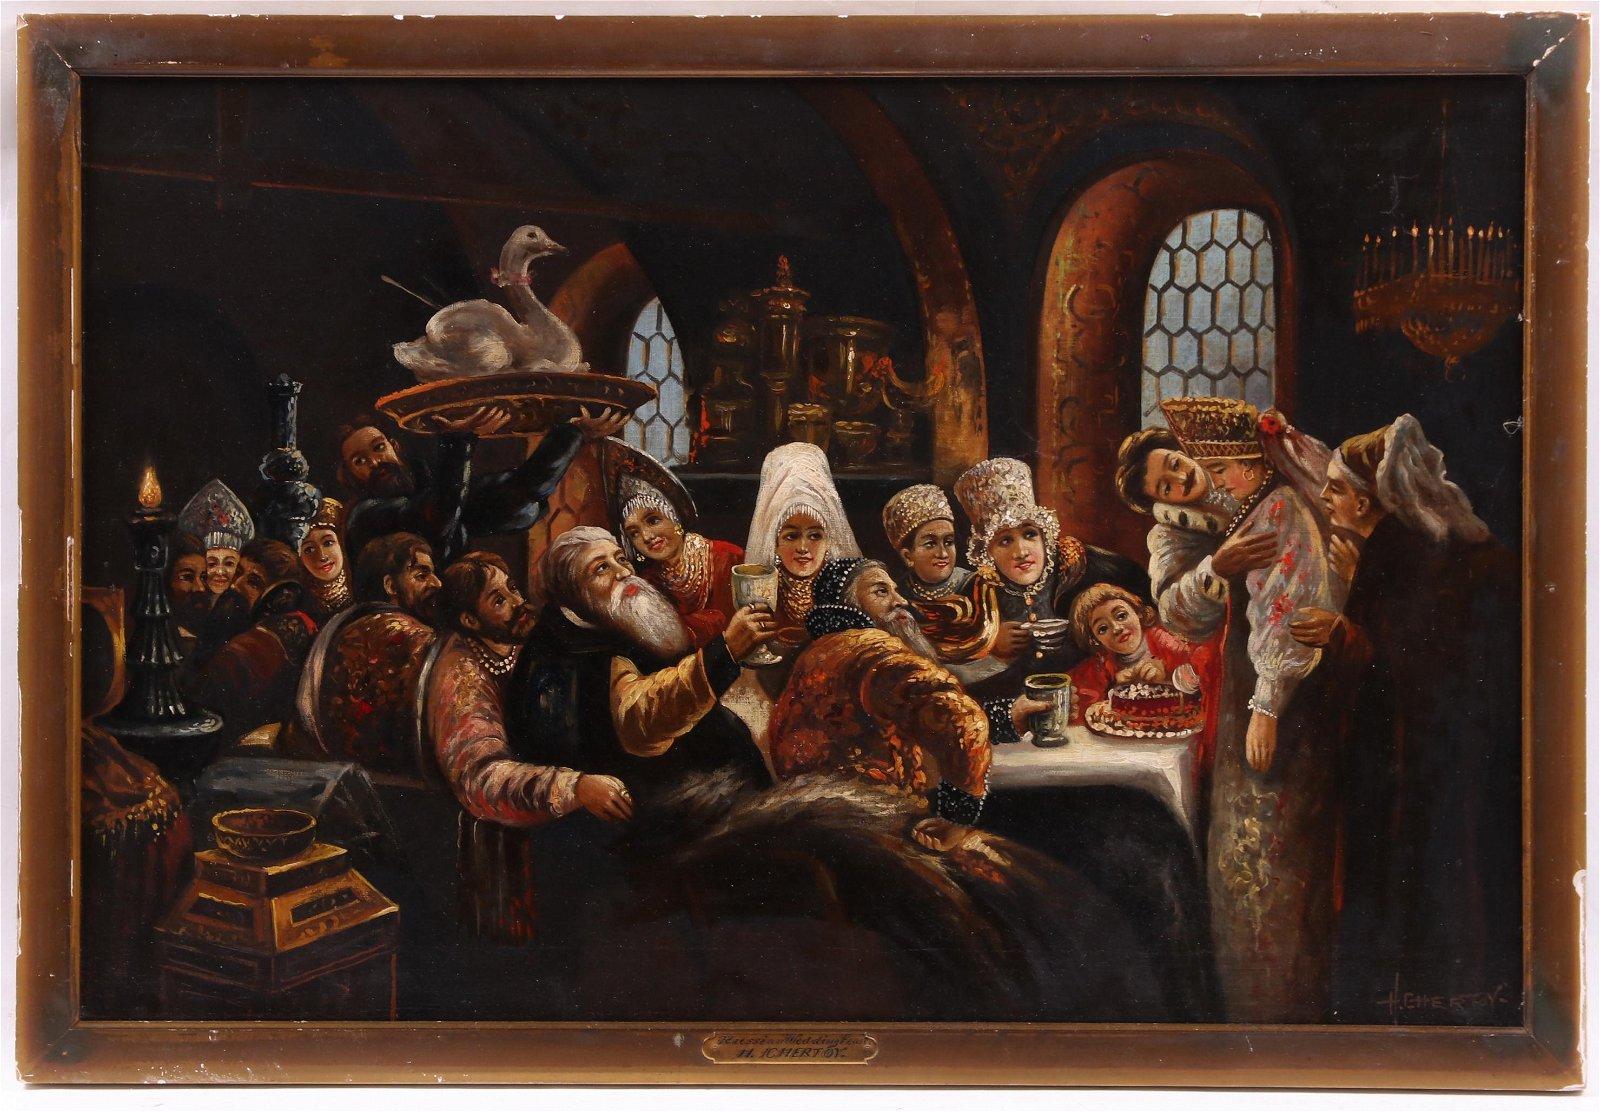 After Konstantin Yegorovich Makovsky, Oil on Canvas